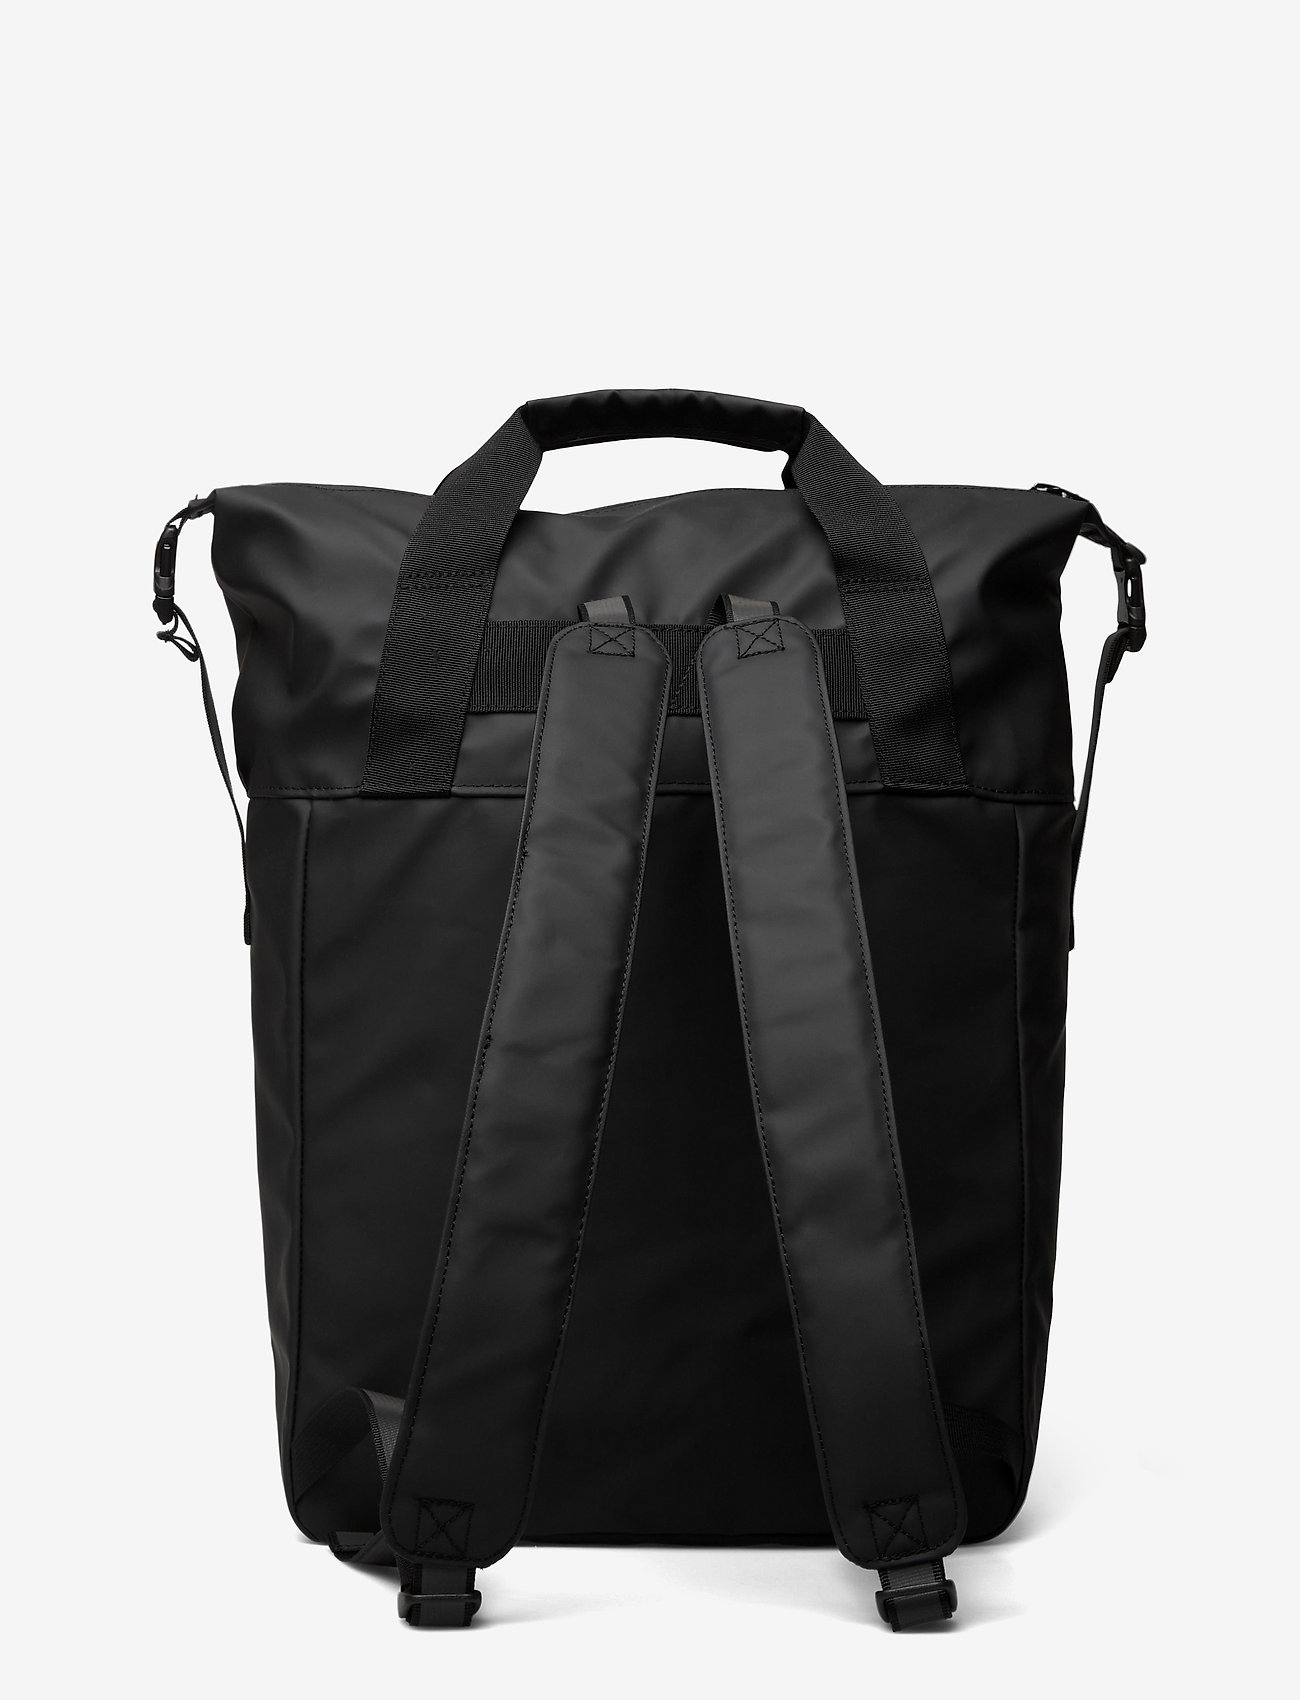 SANDQVIST - ATLE - bags - black - 1